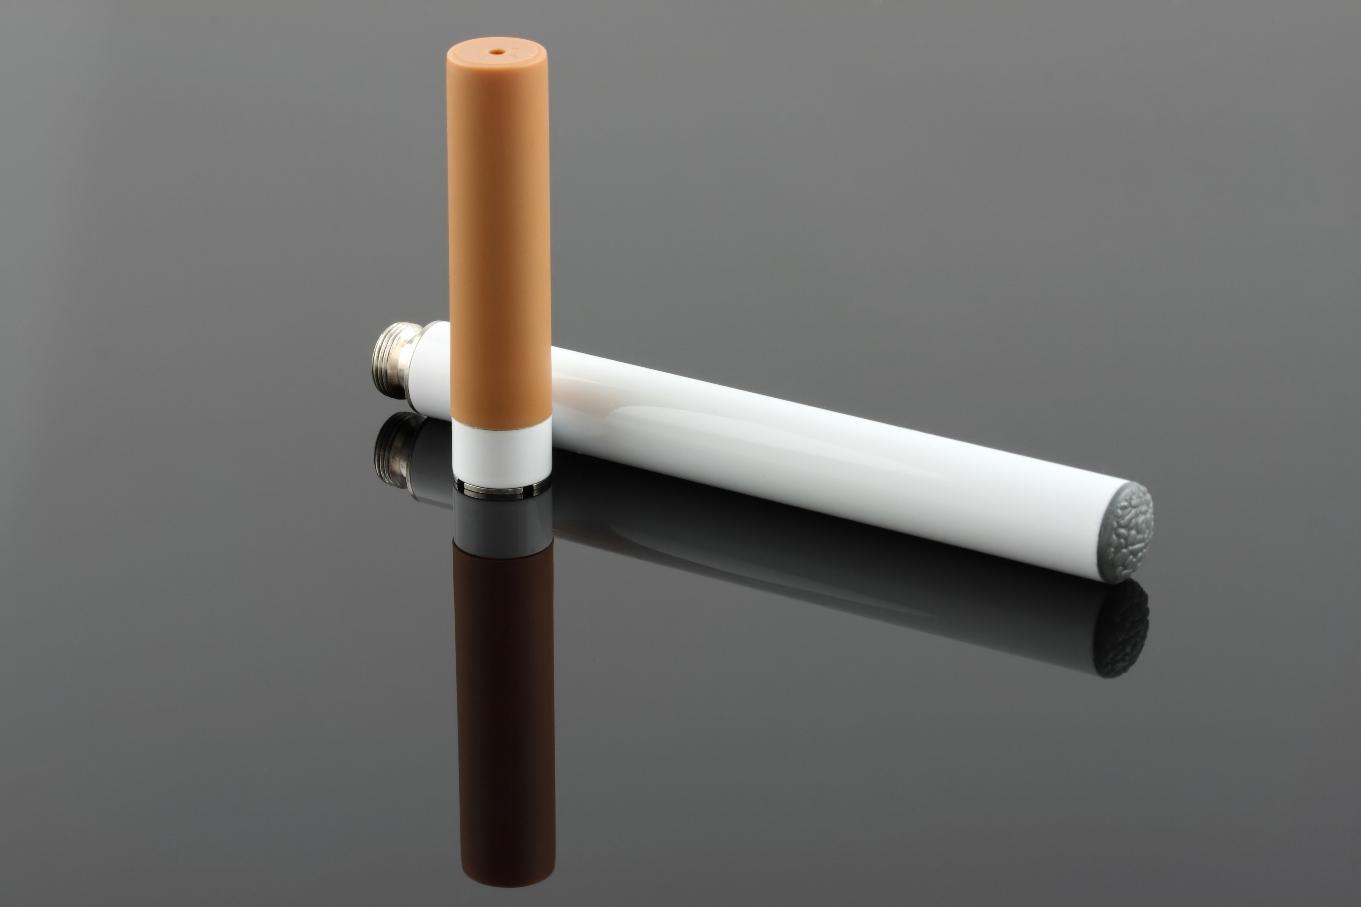 la cigarette lectronique et maladies cardiovasculaires institut de cardiologie de montr al. Black Bedroom Furniture Sets. Home Design Ideas